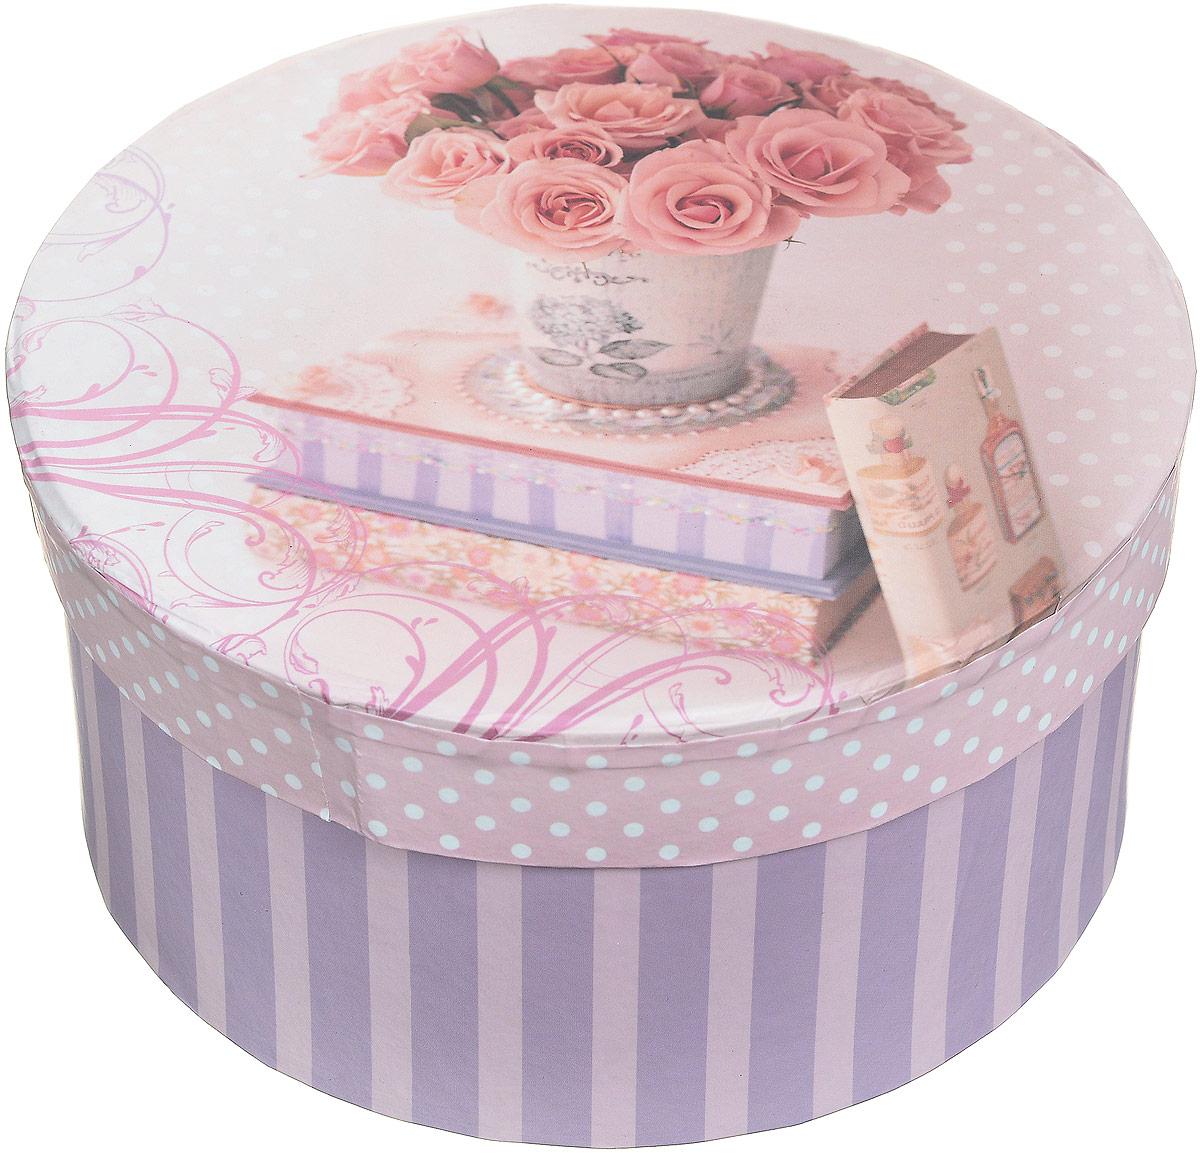 Коробка подарочная Magic Home Ваза с розами, круглая, 14 х 14 х 7 см44277Подарочная коробка Magic Home Ваза с розами выполнена из мелованного ламинированного картона. Коробочка оформлена оригинальным цветочным рисунком. Изделие имеет круглую форму и закрывается крышкой. Подарочная коробка - это наилучшее решение, если вы хотите порадовать близких людей и создать праздничное настроение, ведь подарок, преподнесенный в оригинальной упаковке, всегда будет самым эффектным и запоминающимся. Окружите близких людей вниманием и заботой, вручив презент в нарядном, праздничном оформлении. Плотность картона: 1100 г/м2.